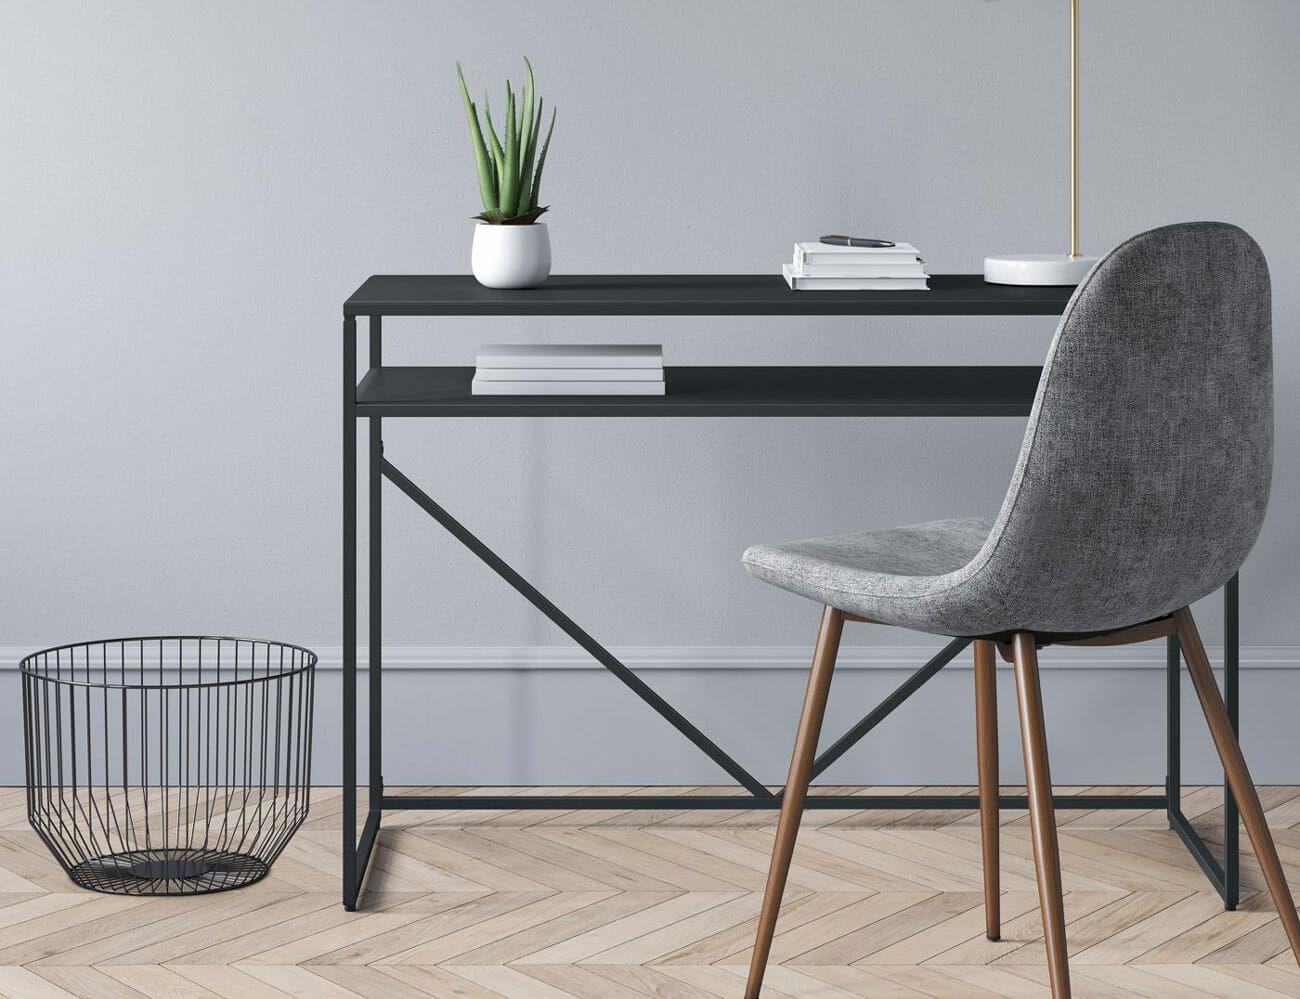 Excellent 10 Black Friday Furniture Sales That Are Worth Shopping Inzonedesignstudio Interior Chair Design Inzonedesignstudiocom